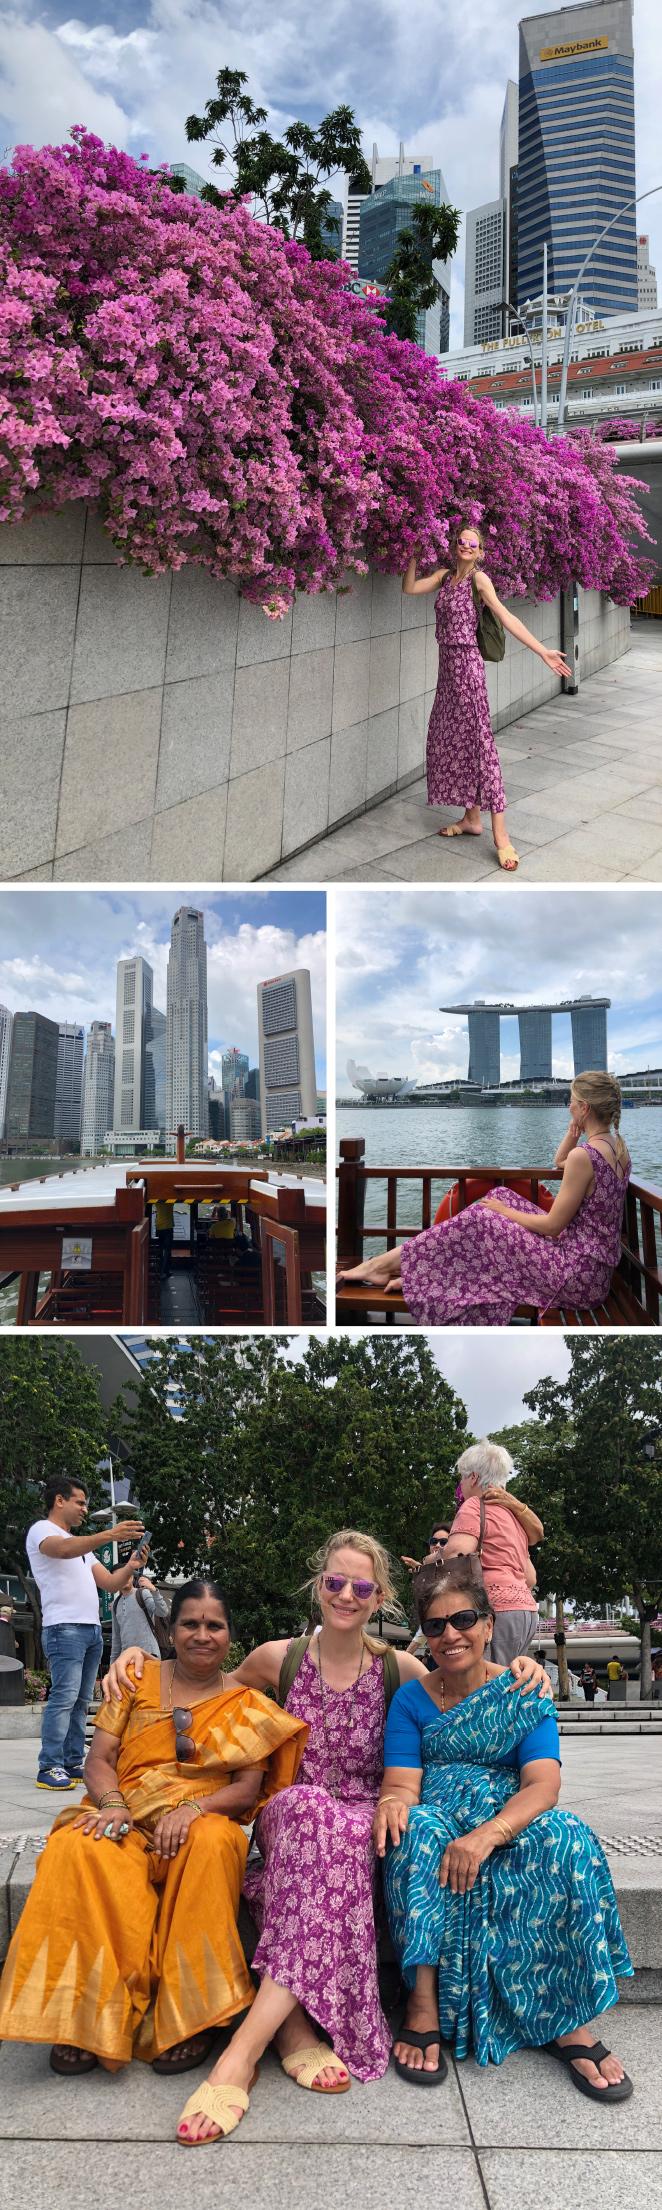 Crucerito por Marina Bay. Se embarca en Clarque Quay, un pequeño puertecito con gran encanto situado en el centro de la ciudad y que sigue manteniendo su arquitectura colonial. Este agradable paseo en barco te regala otra visión diferente de Singapur desde la misma bahía.